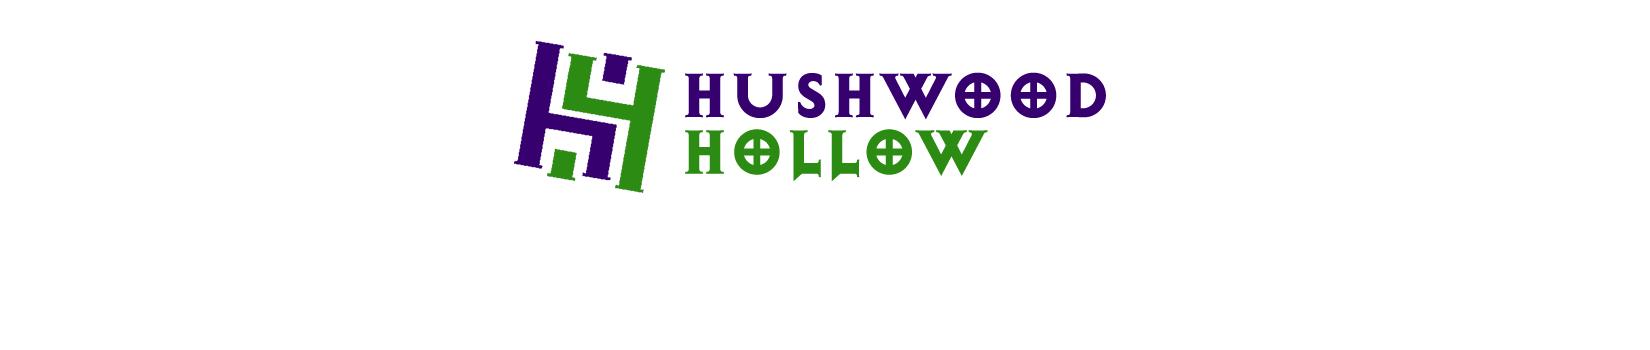 Hushwood